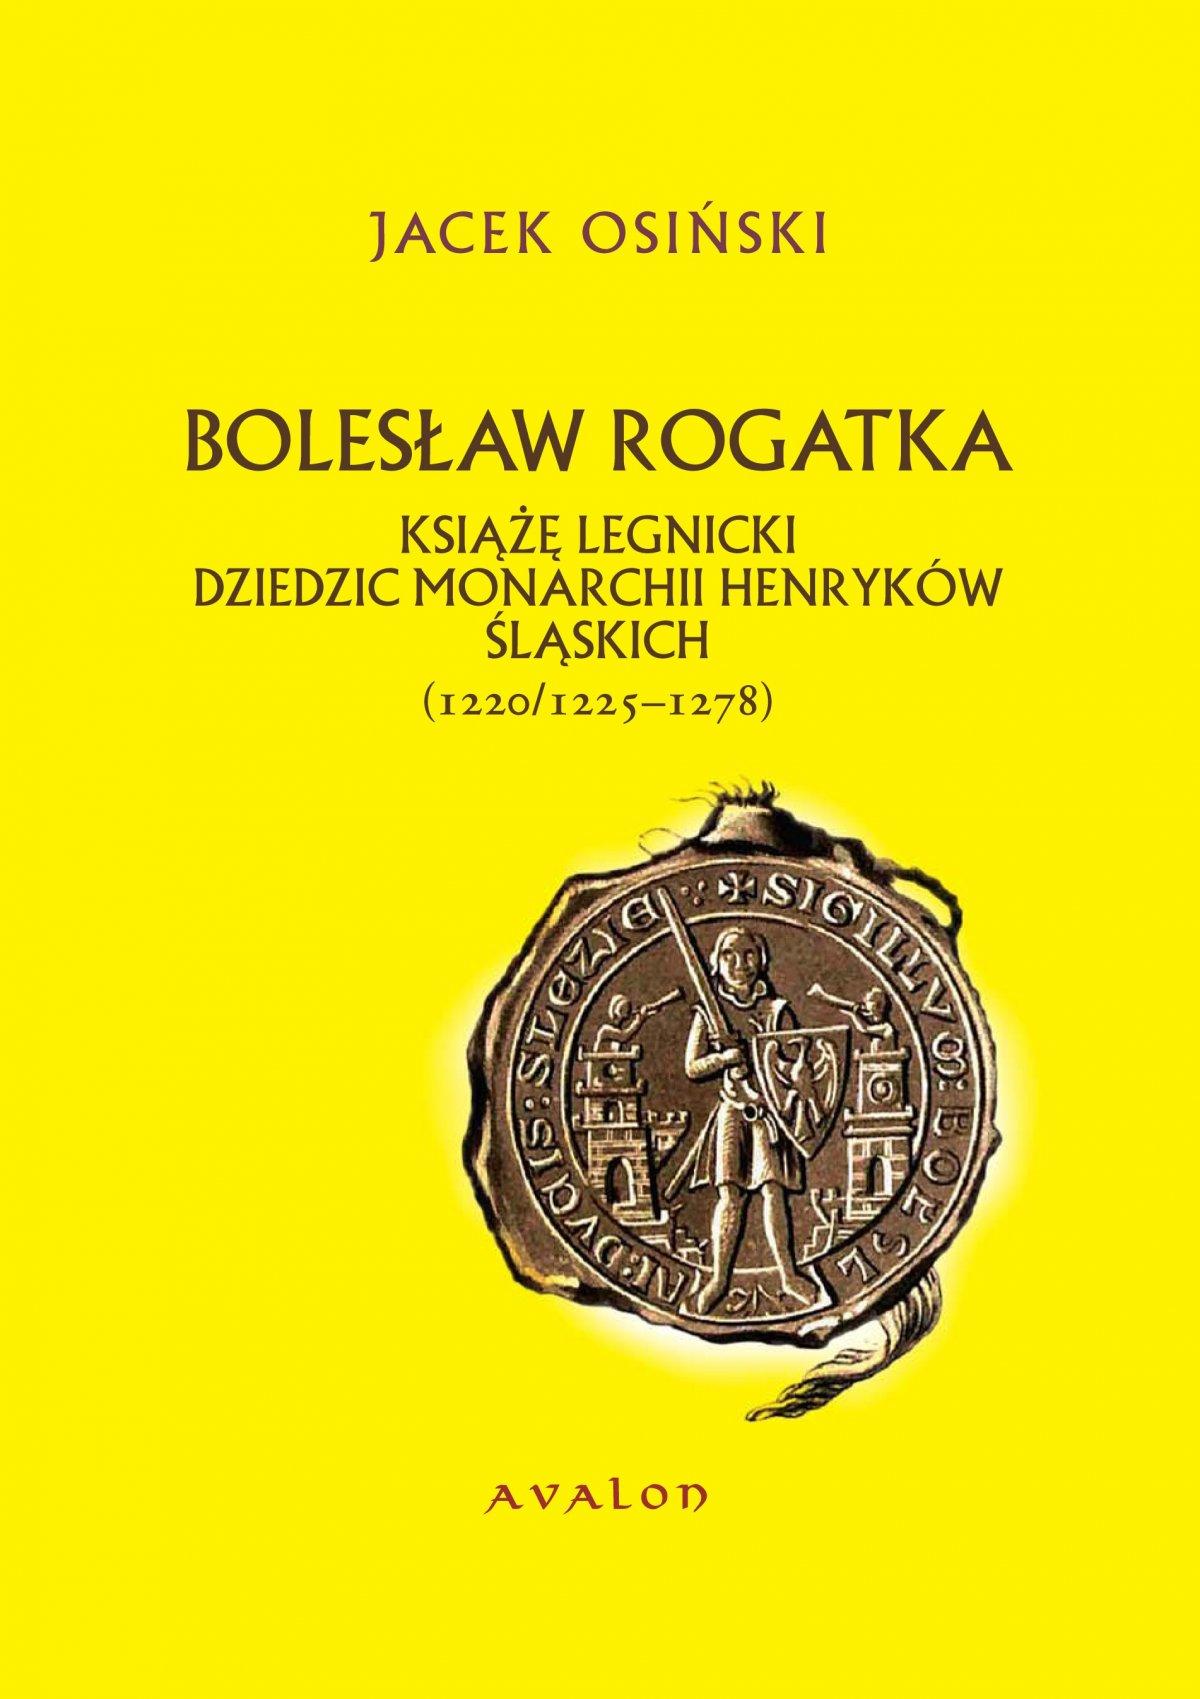 Bolesław Rogatka. Książę legnicki, dziedzic monarchii henryków śląskich (1220/1225-1278) - Ebook (Książka PDF) do pobrania w formacie PDF